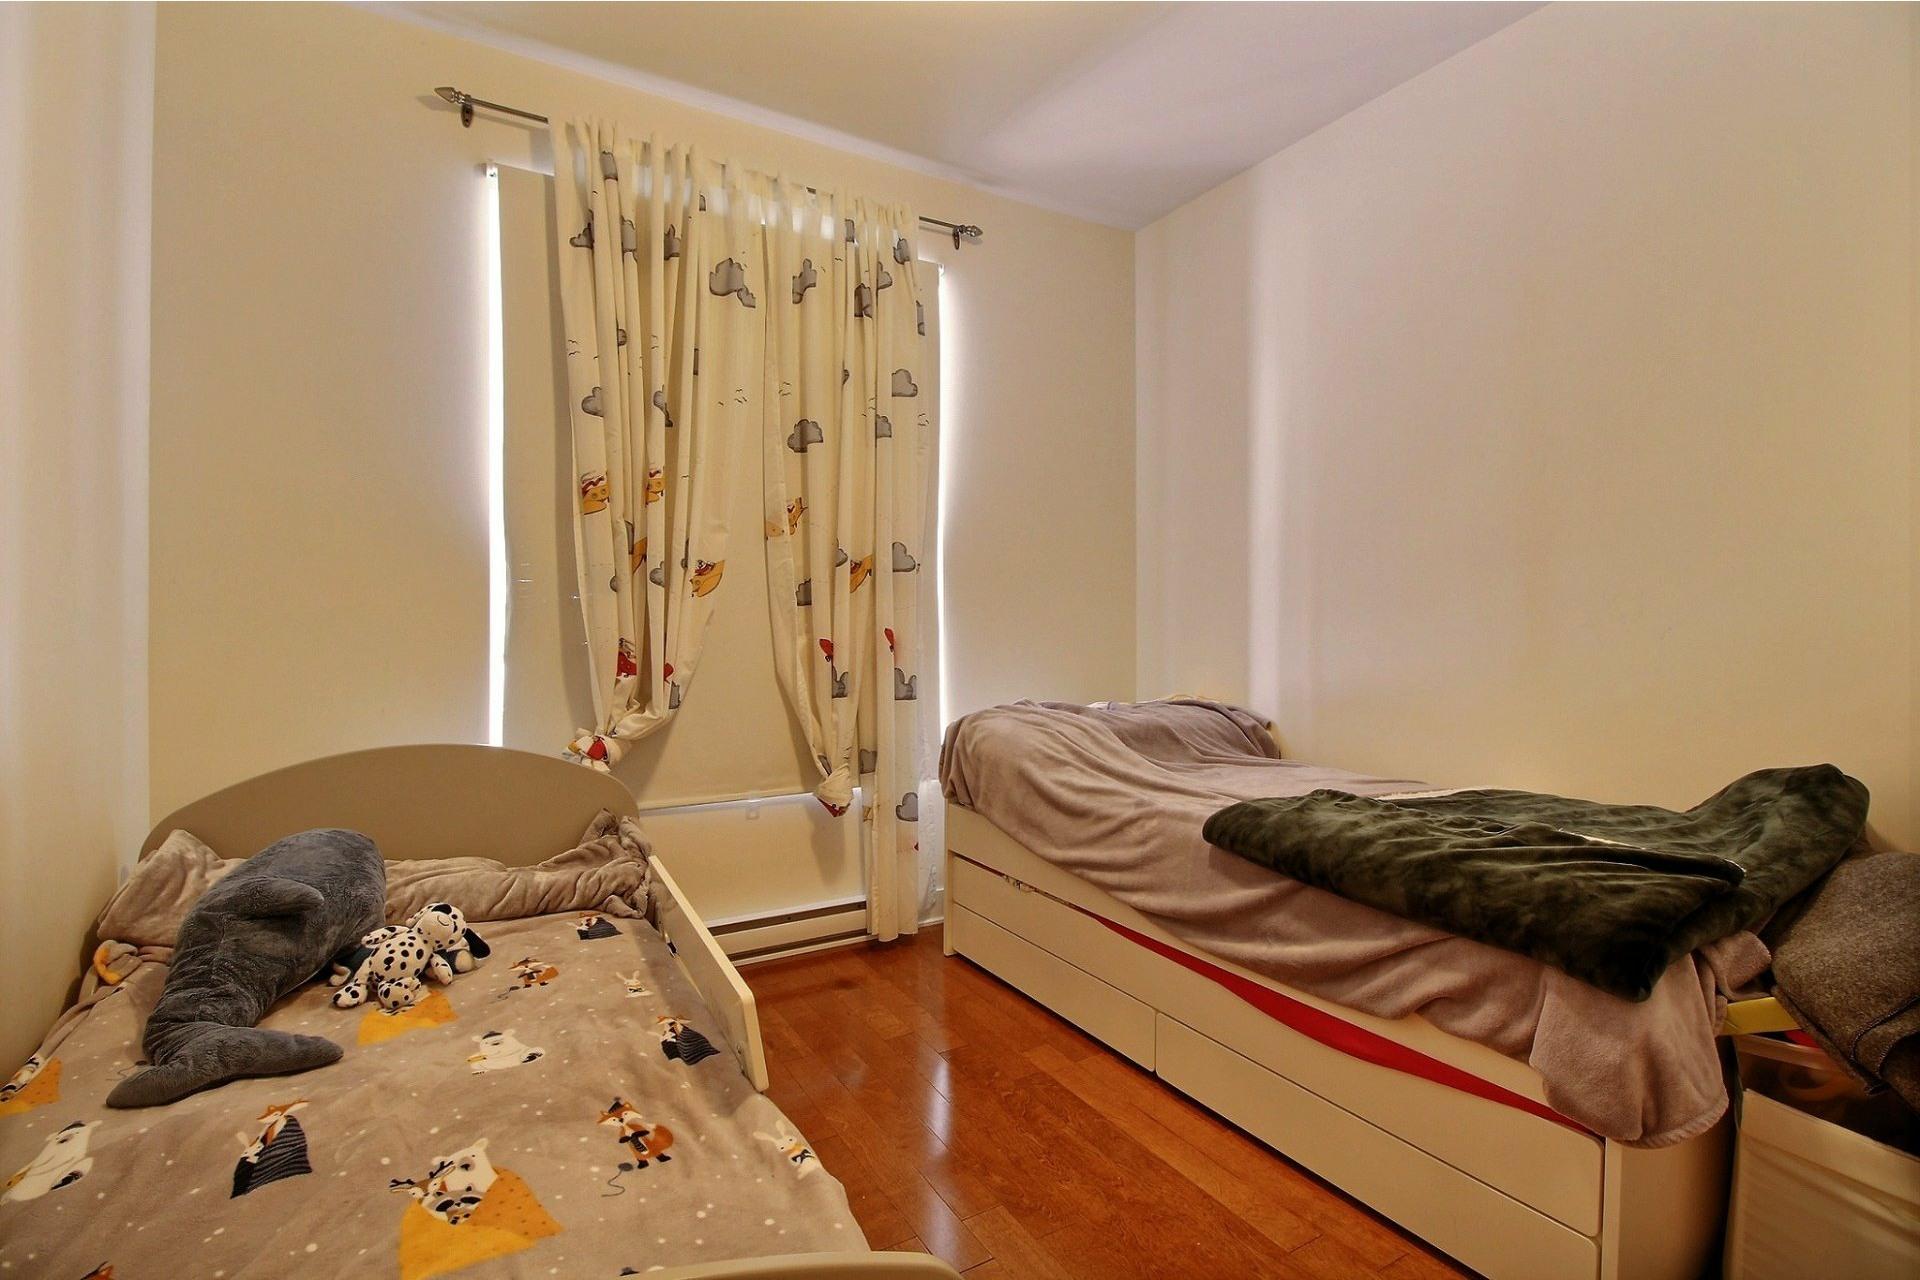 image 18 - Appartement À louer Rivière-des-Prairies/Pointe-aux-Trembles Montréal  - 6 pièces